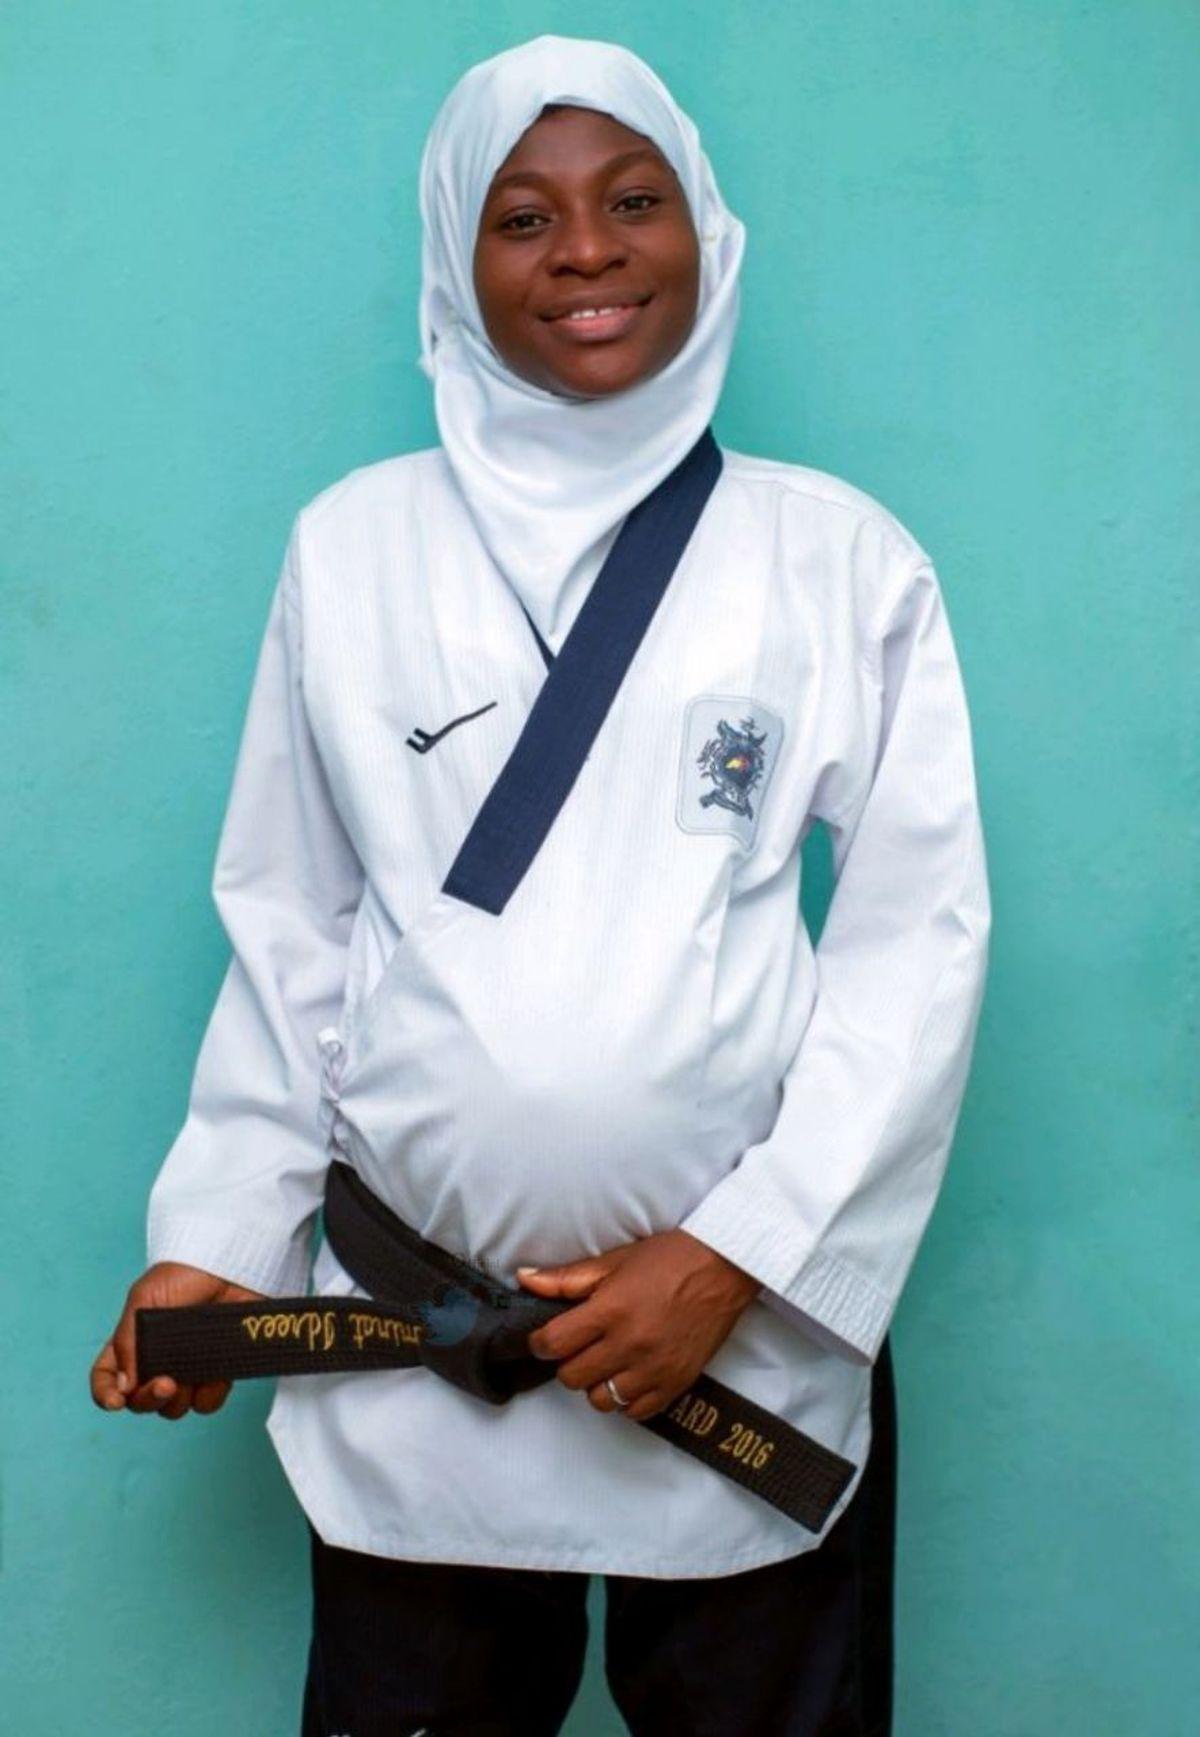 تکواندوکار نیجریه ای ۸ ماهه باردار بود، مسابقه داد، طلا هم گرفت! + ویدئو